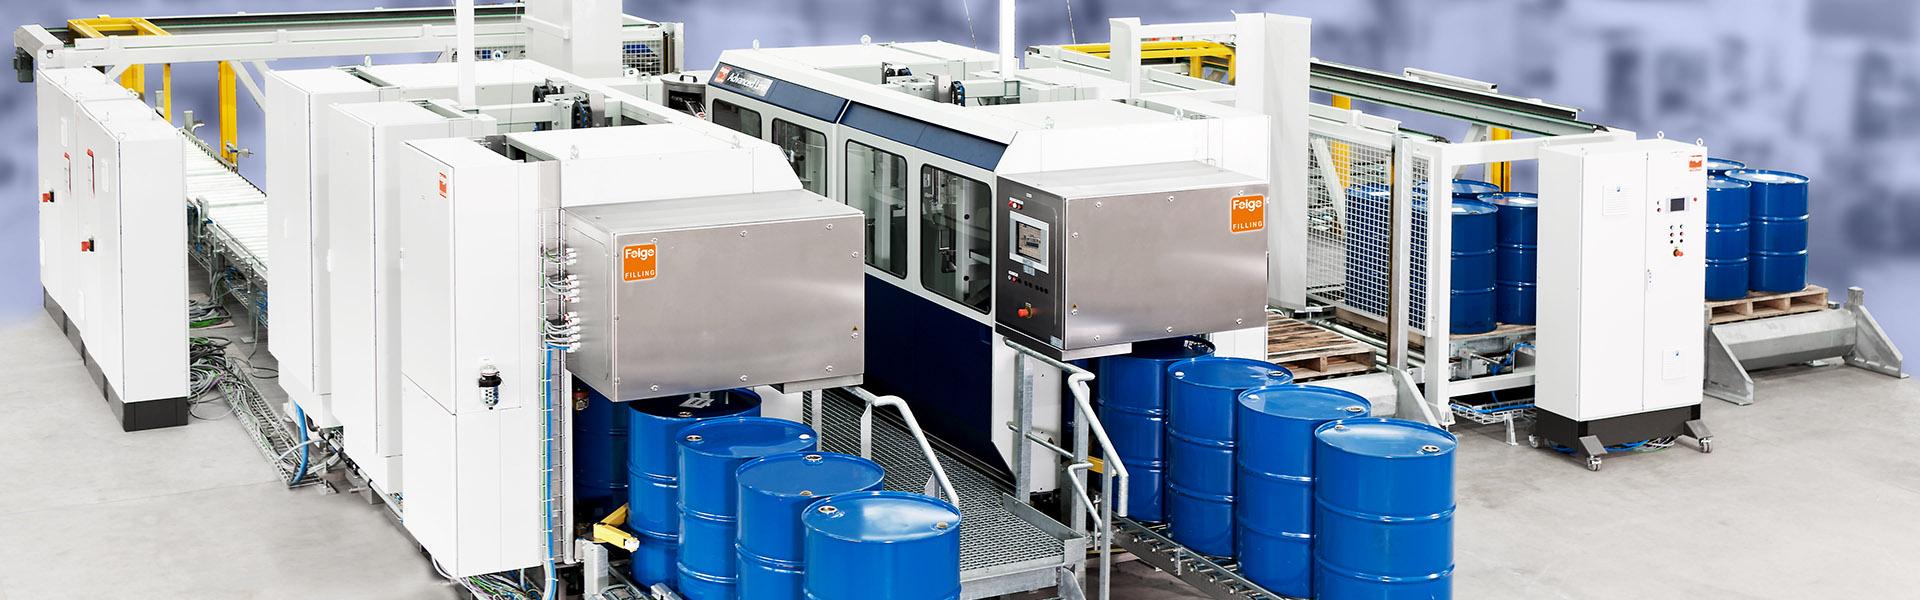 Feige Filling Haver Amp Boecker Filling Equipment